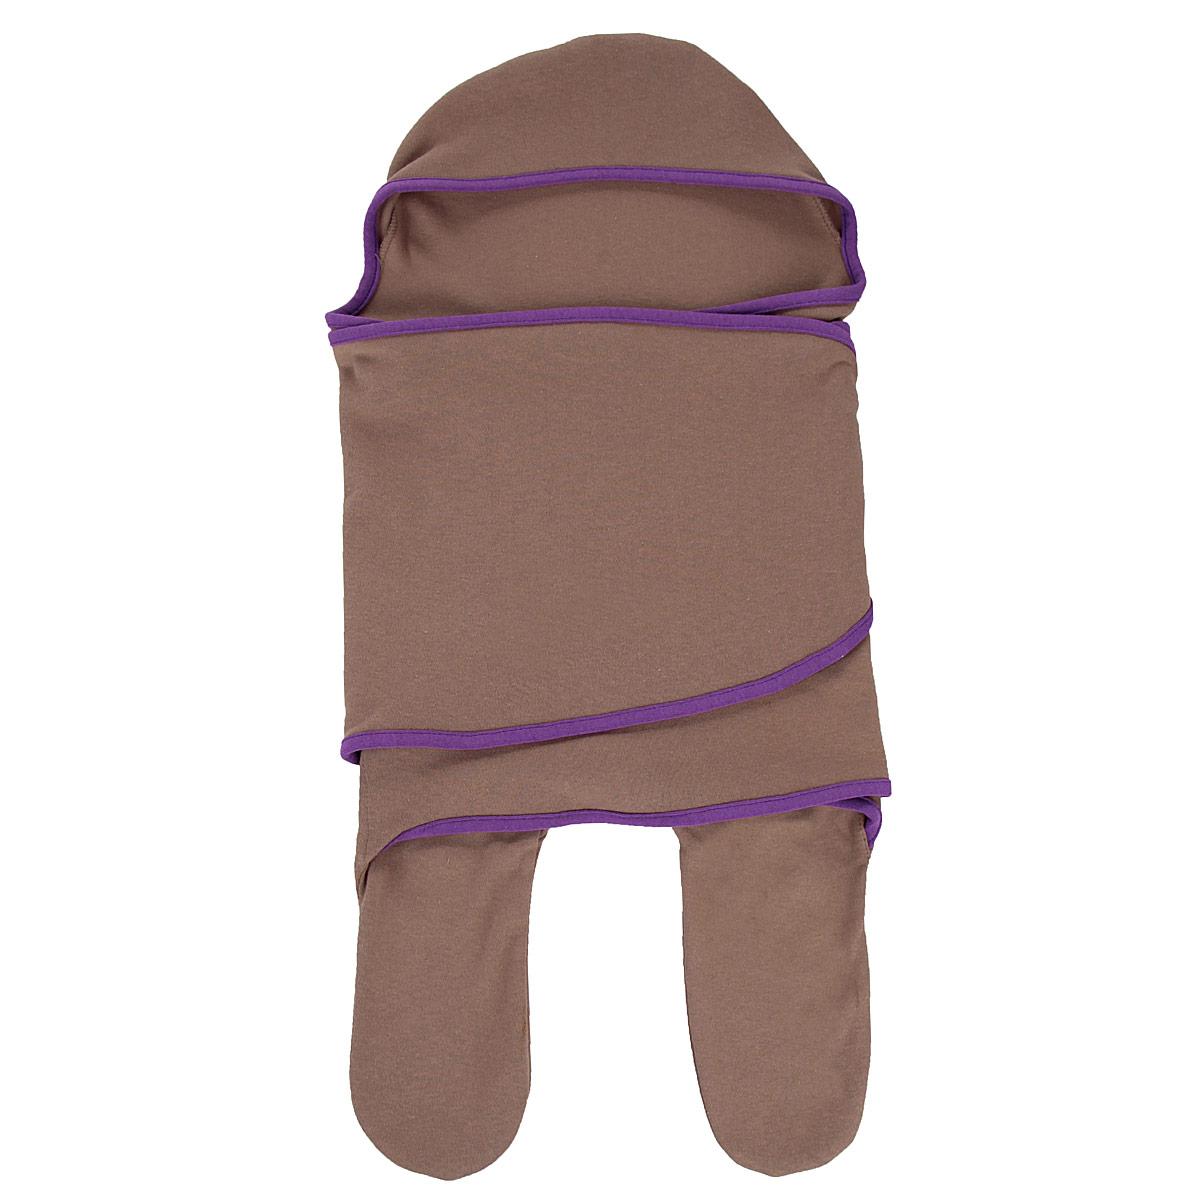 8339Удобный легкий комбинезон-конверт Mums Era Мокко послужит идеальным дополнением к гардеробу младенца. Комбинезон изготовлен из 100% хлопка, благодаря чему он необычайно мягкий и легкий, не раздражает нежную кожу ребенка и хорошо вентилируется, а эластичные швы приятны телу малыша и не препятствуют его движениям. Благодаря штанинам комбинезон удобен для поездок малыша в автокресле или в люльке (где его нужно пристегнуть), а также для сна на прогулке, когда малышу нужно спеленать ручки, чтобы он сам себя не разбудил. Комбинезон-конверт - удобная и многофункциональная одежда для первых месяцев жизни вашего малыша. С этим комбинезоном спинка и ножки малыша всегда будут в тепле, в нем ваш ребенок всегда будет в центре внимания!